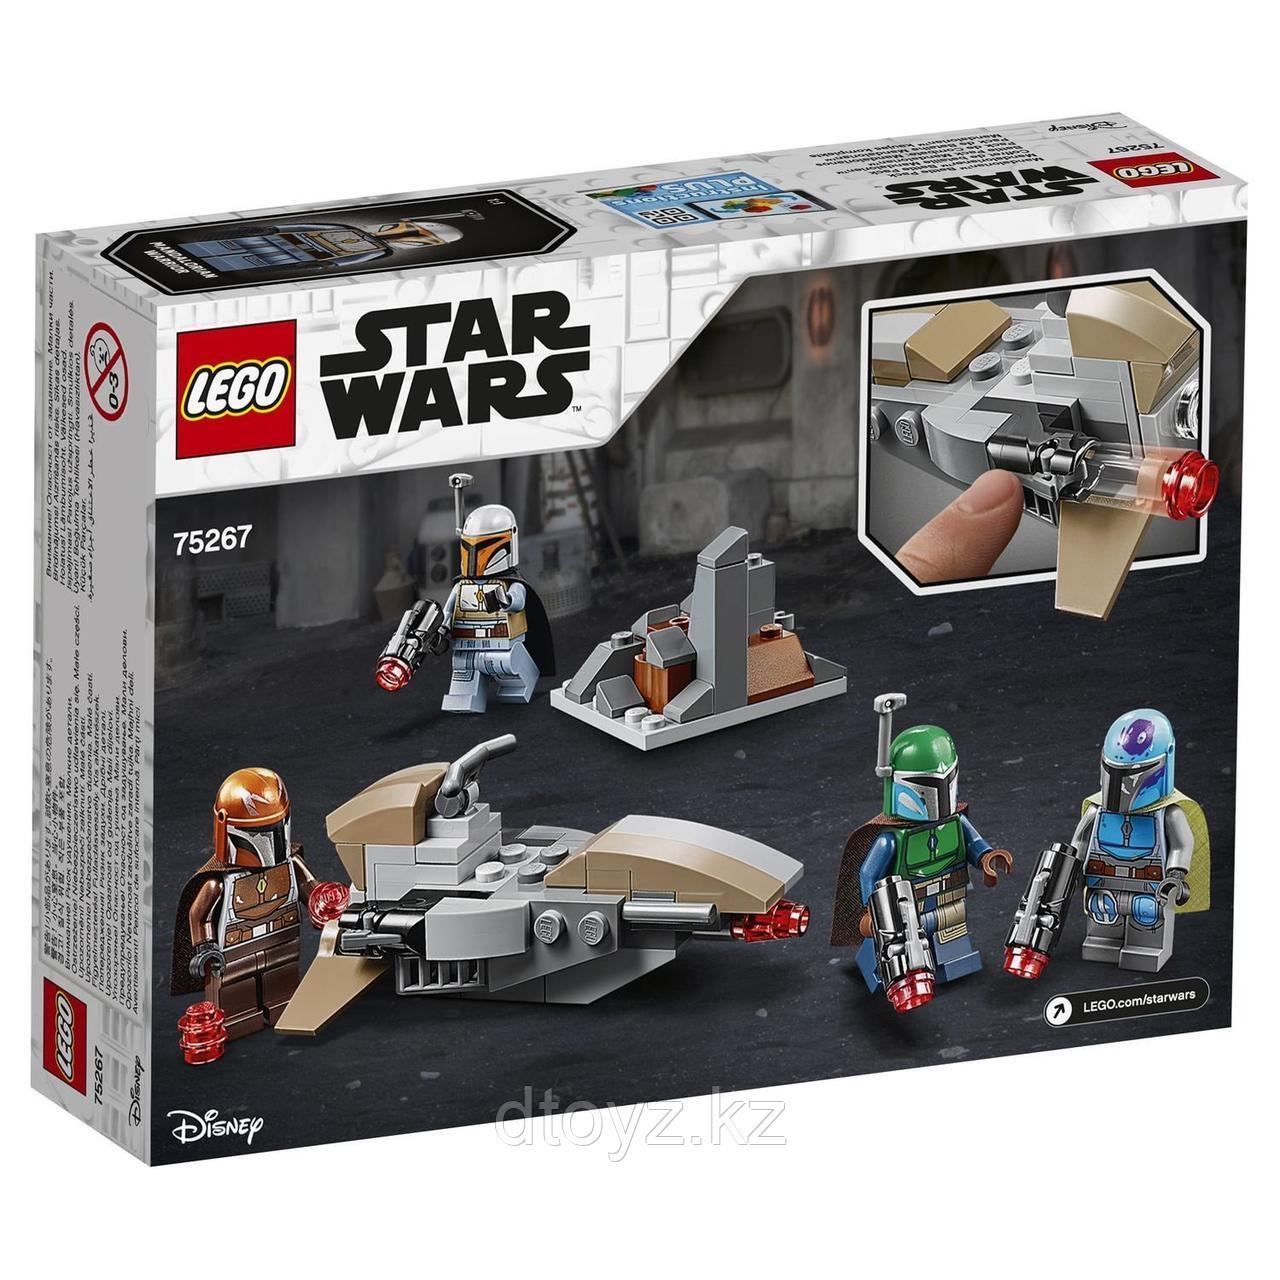 Lego Star Wars 75267 Боевой набор Мандалорцы